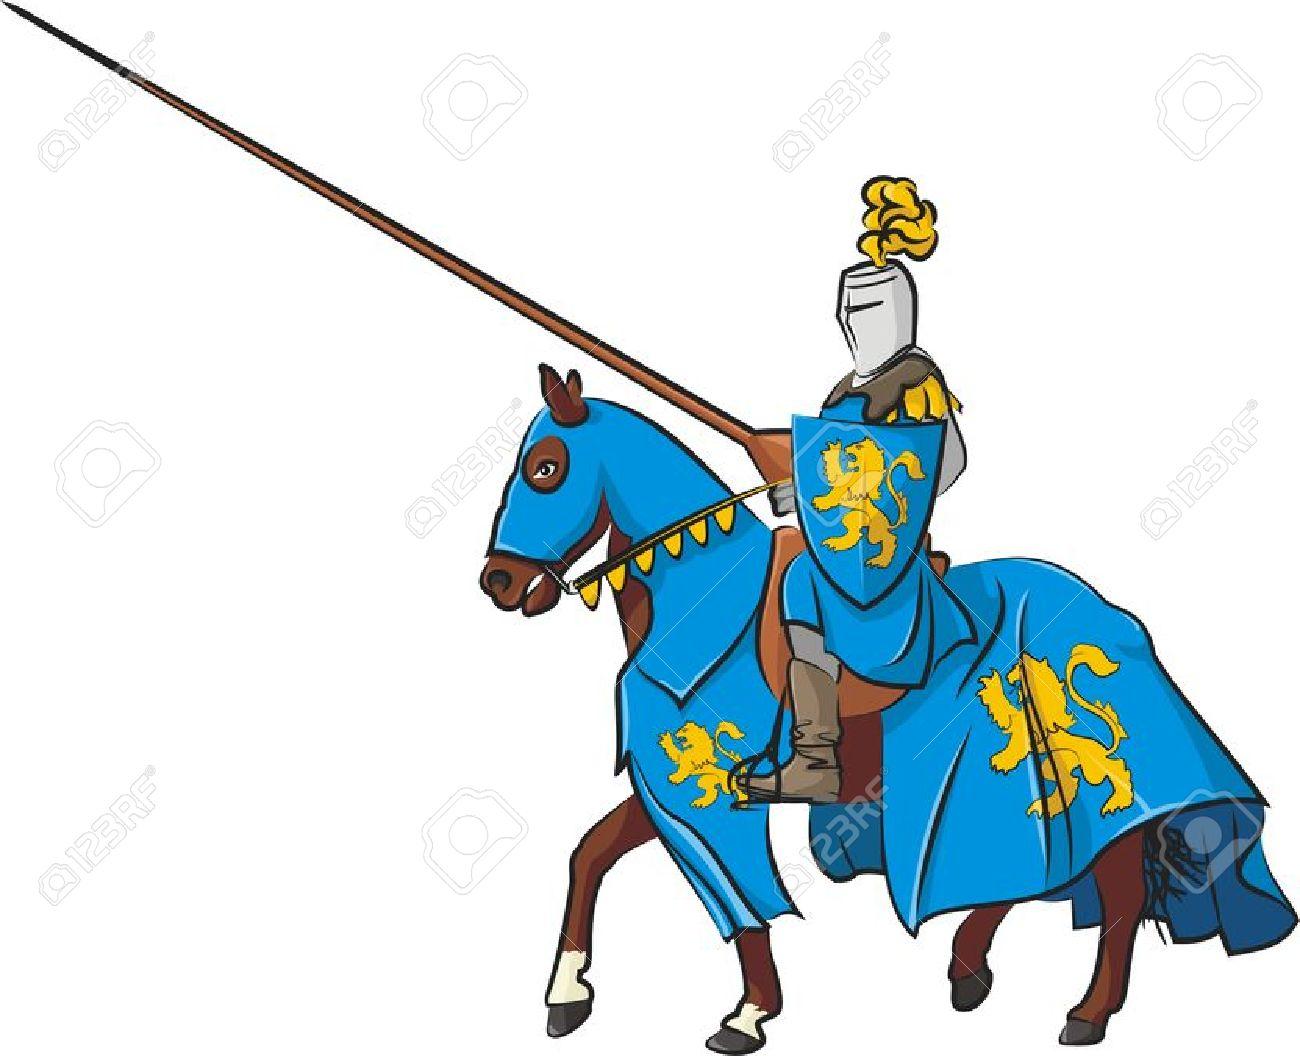 Ritter auf pferd clipart transparent library Mittelalterlichen Ritter Zu Pferd Lizenzfrei Nutzbare ... transparent library